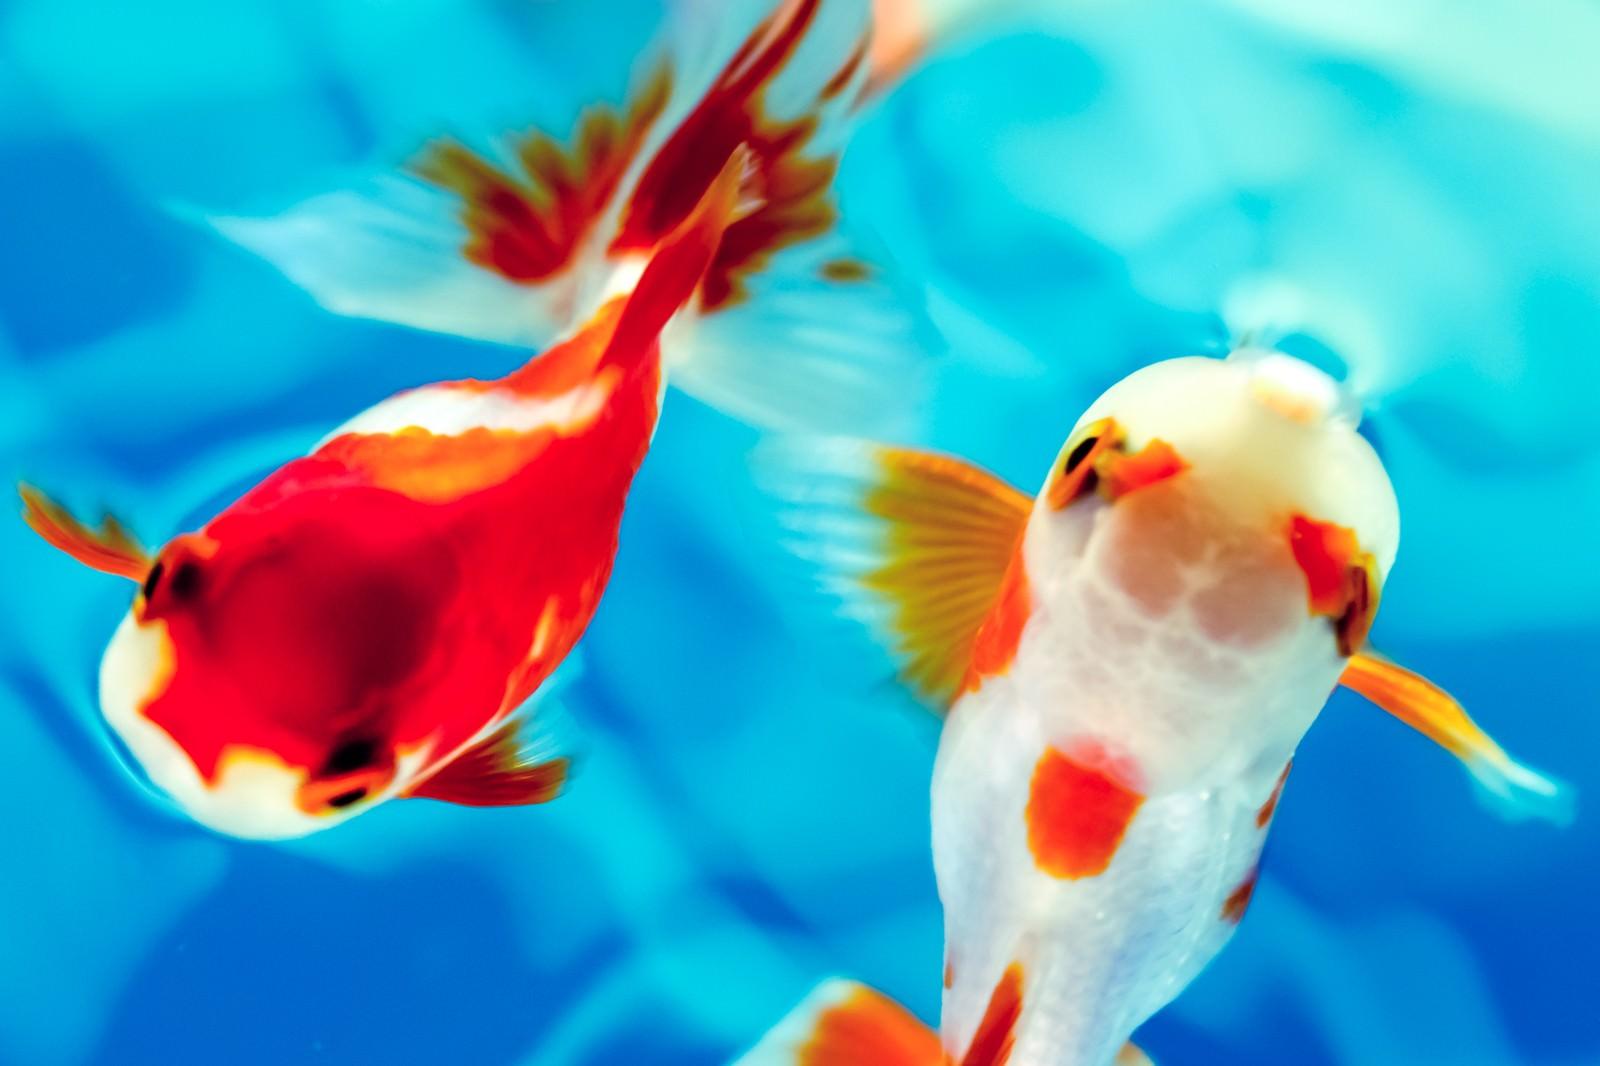 「白と赤の金魚白と赤の金魚」のフリー写真素材を拡大